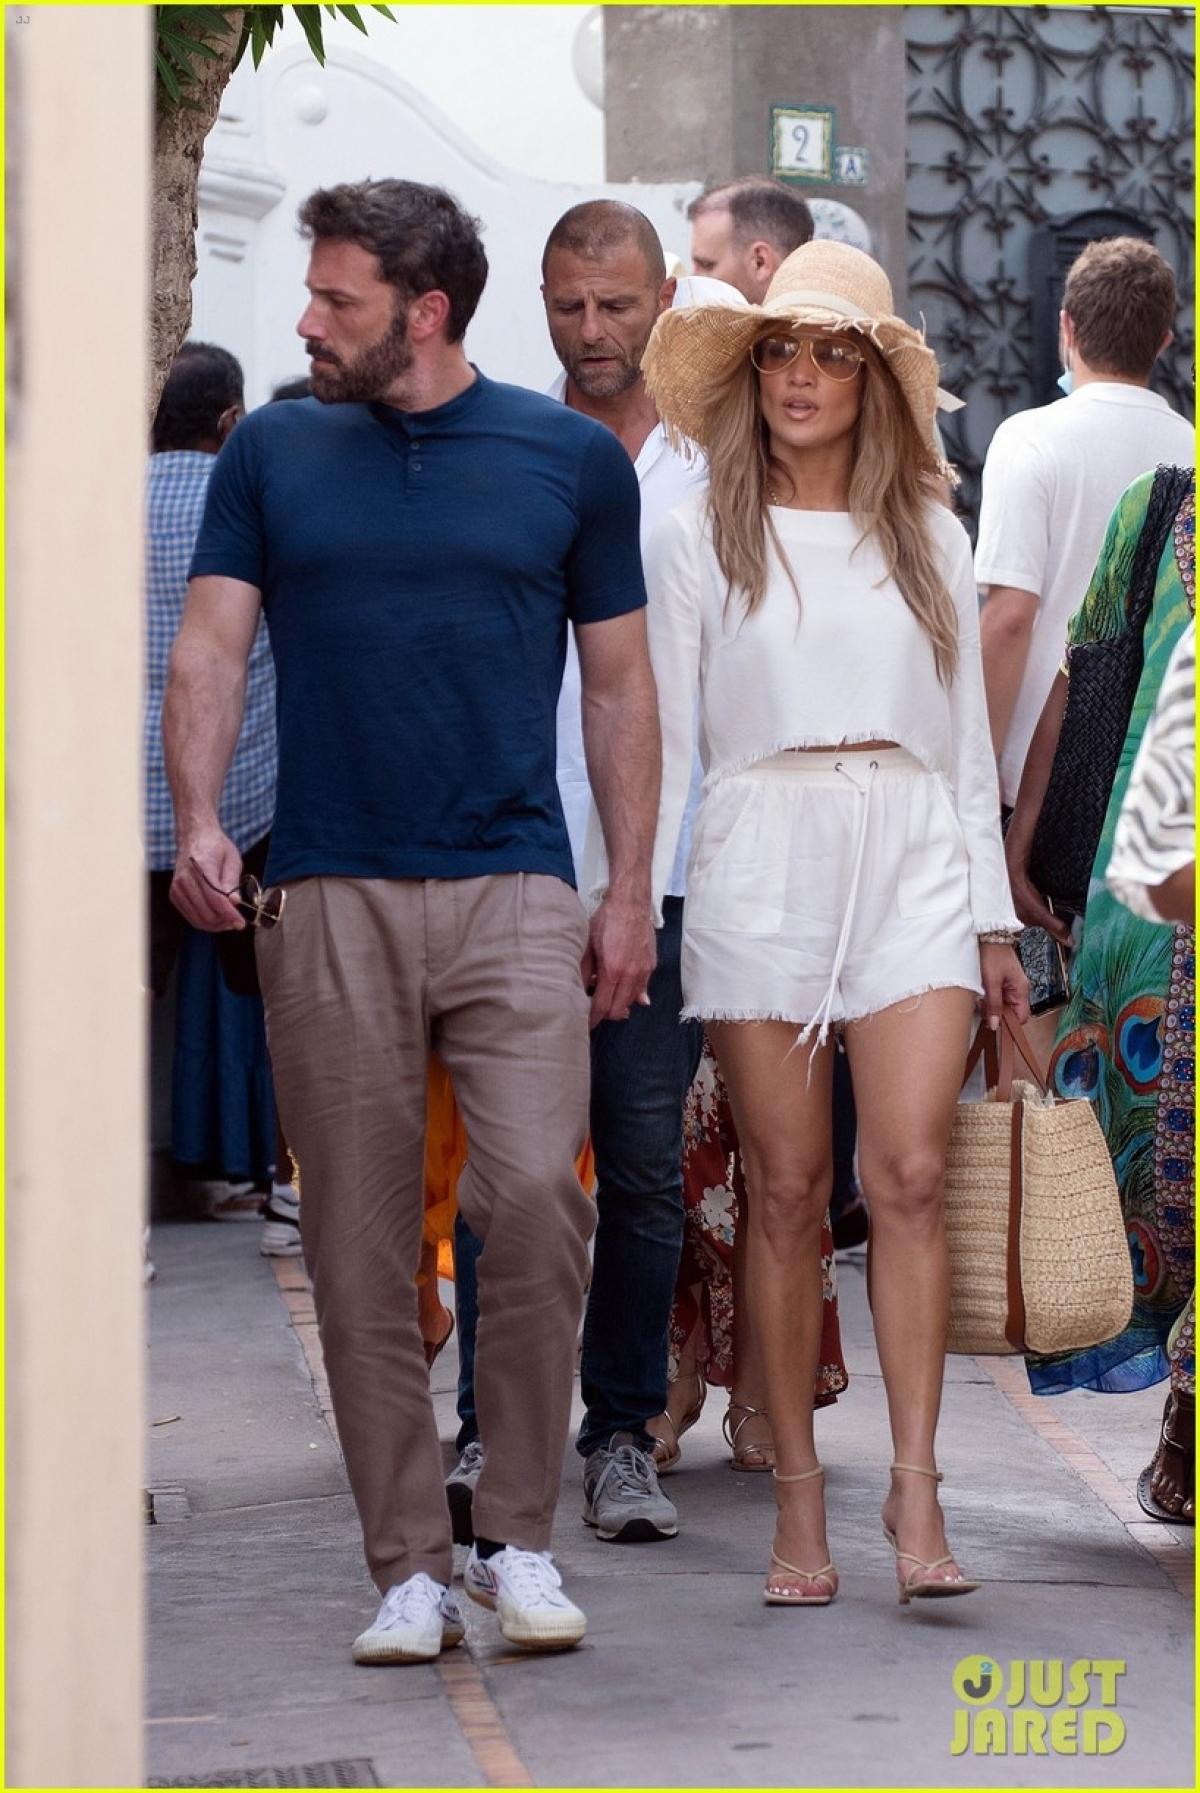 Cặp đôi nắm tay tình cảm đi dạo ở chốn đông người.